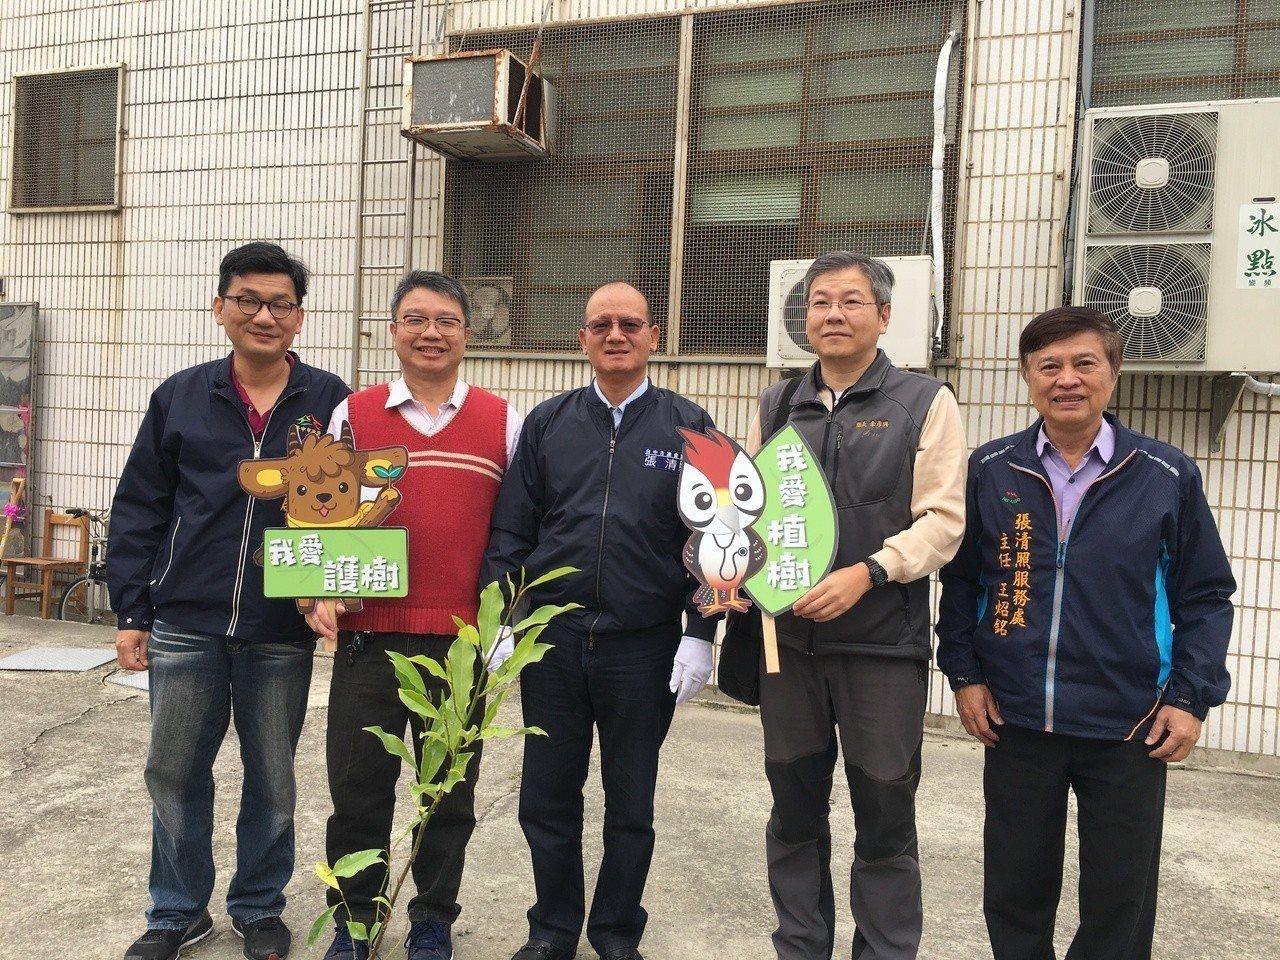 台中市清海國中今天在校內舉辦植樹活動,台中市議長張清照(中)親自到場植樹。記者余...